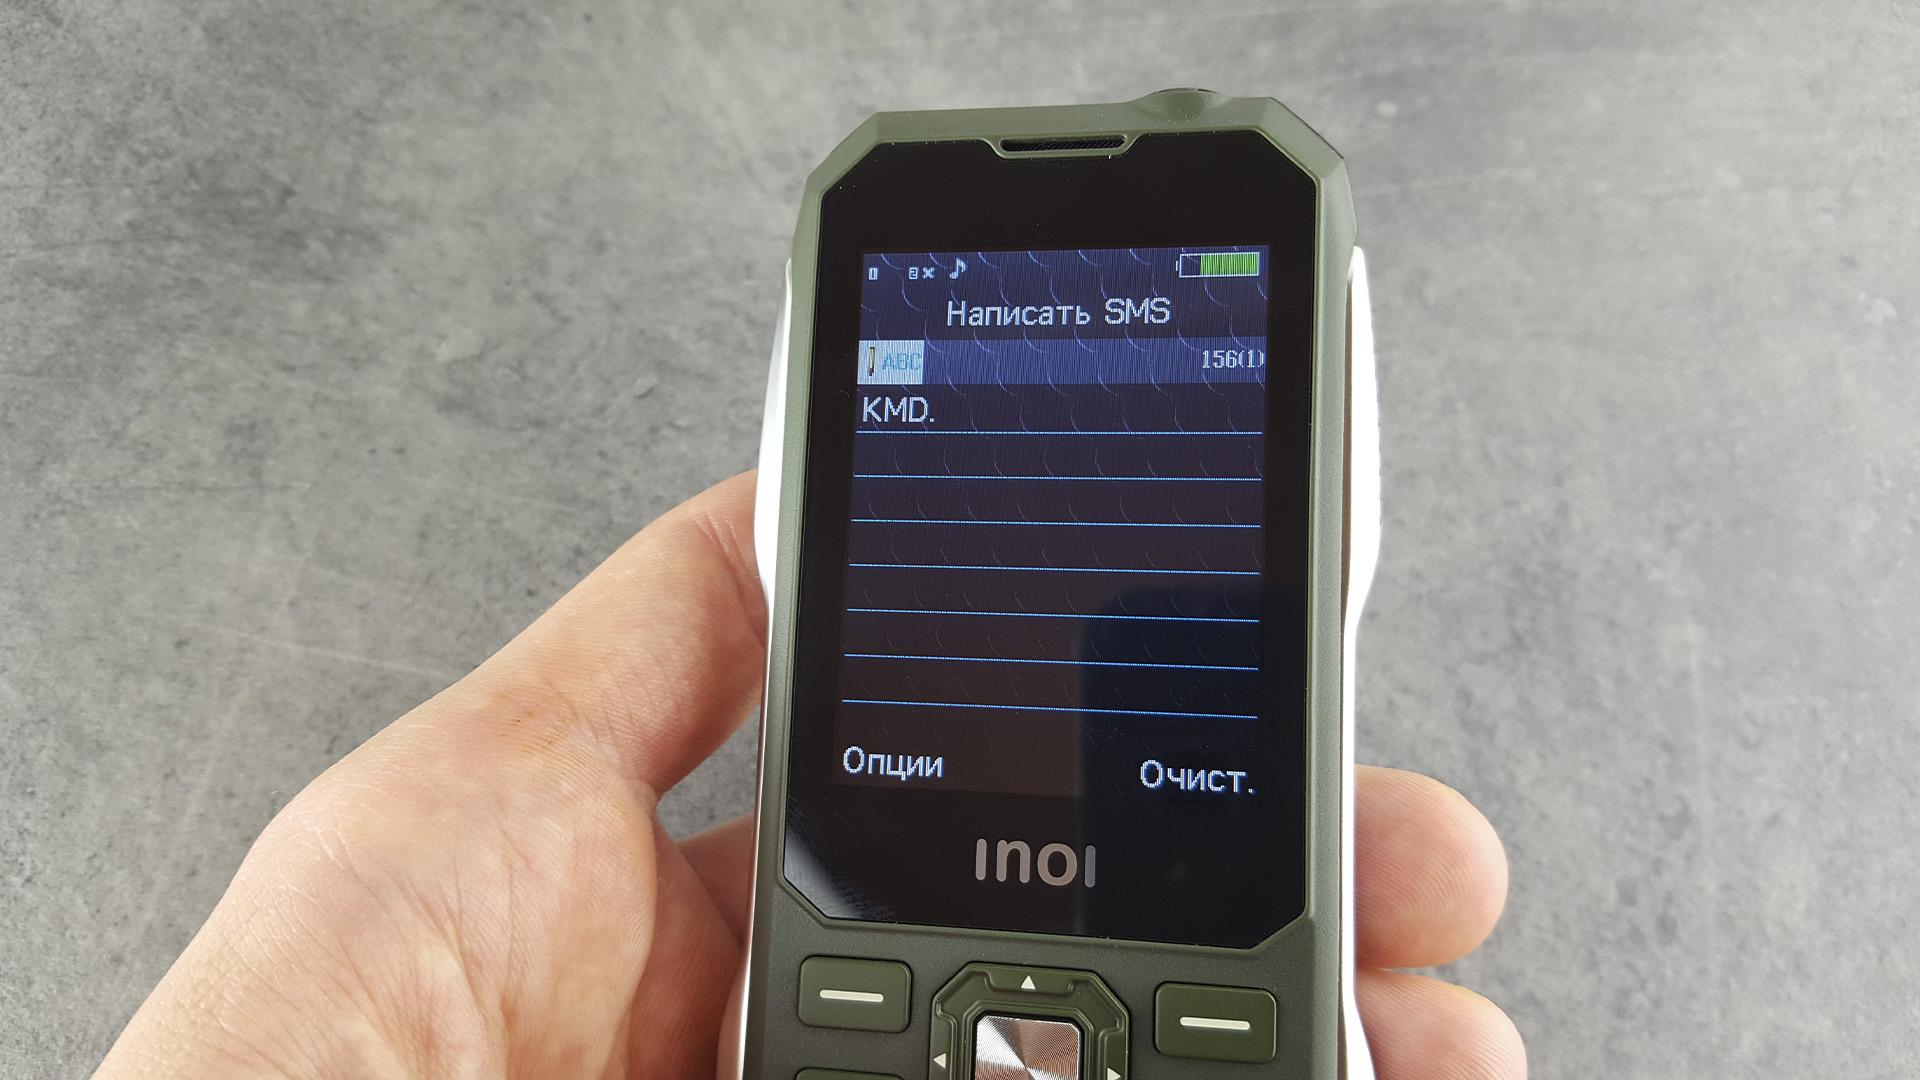 Обзор военного телефона INOI 244Z смс